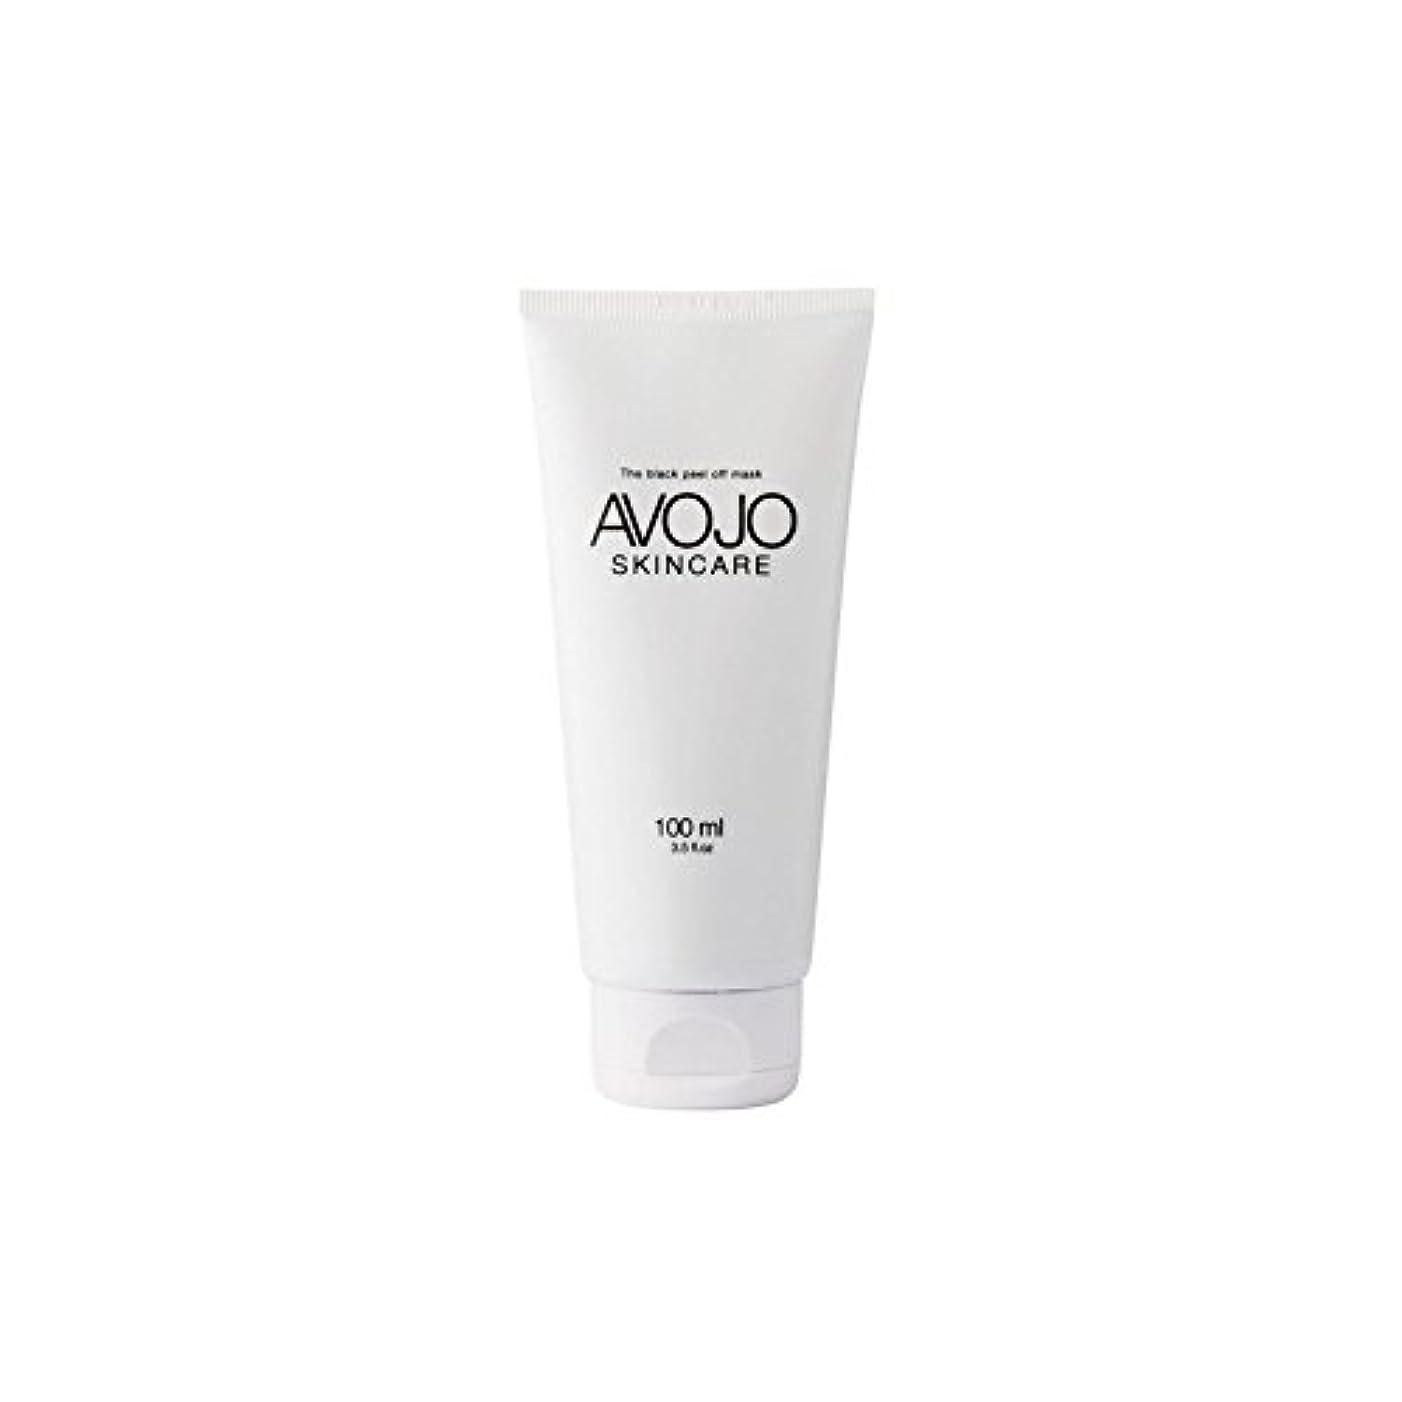 区別する穴たくさんの- 黒皮オフマスク - (ボトル100ミリリットル) x4 - Avojo - The Black Peel Off Mask - (Bottle 100ml) (Pack of 4) [並行輸入品]